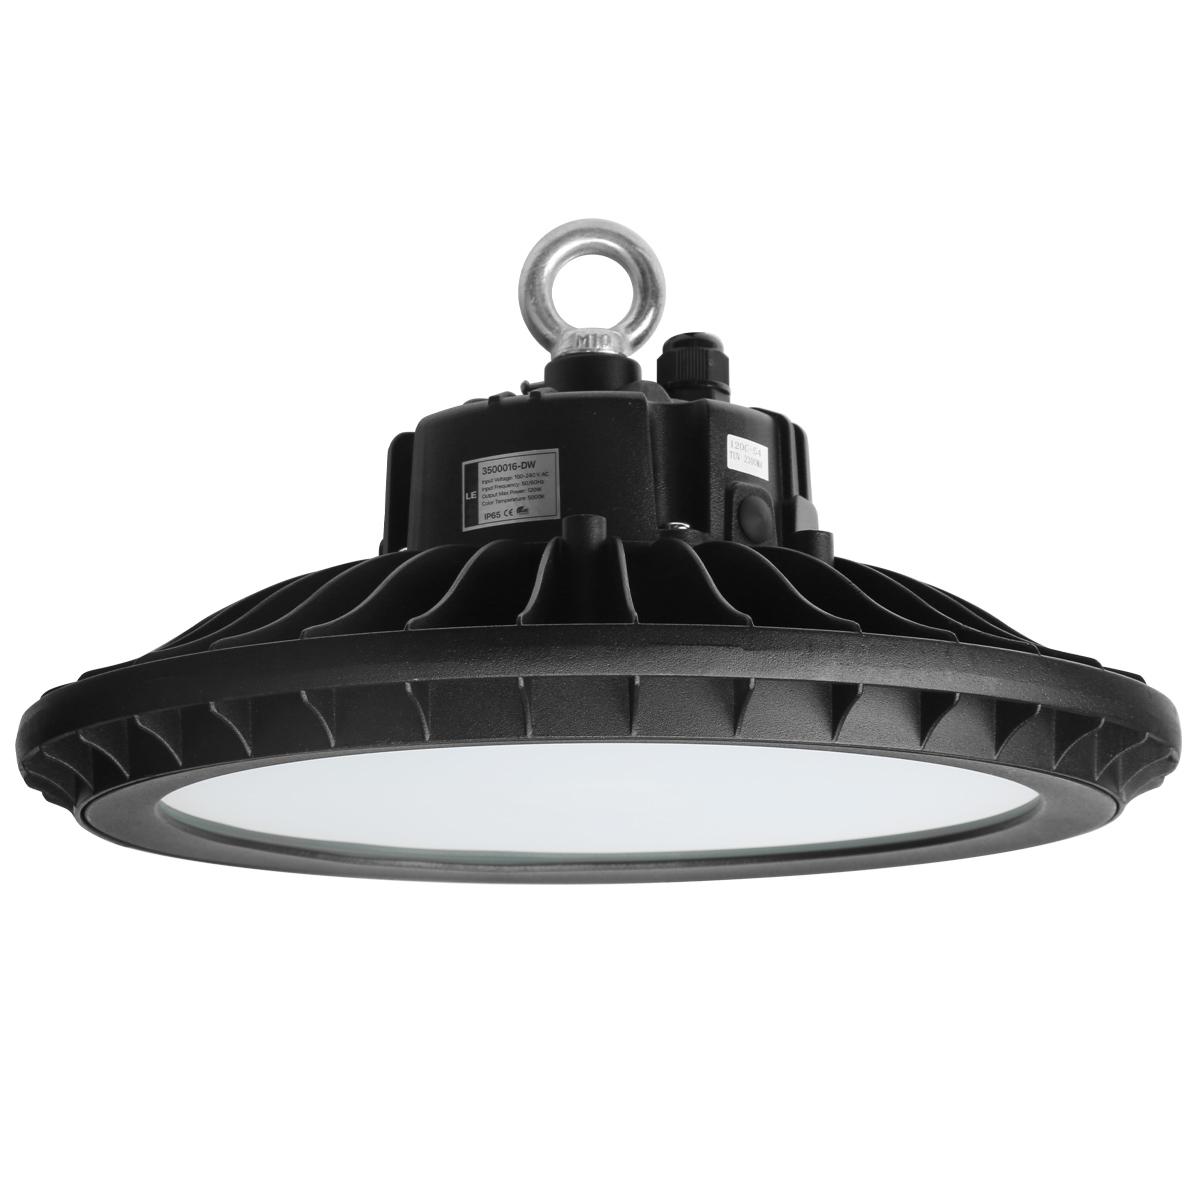 60W LED UFO Hallenstrahler, 7200lm Hallenbeleuchtung, wasserfeste Industrielampe, ersetzt 150W Halogen Metalldampflampe, Kaltwei?